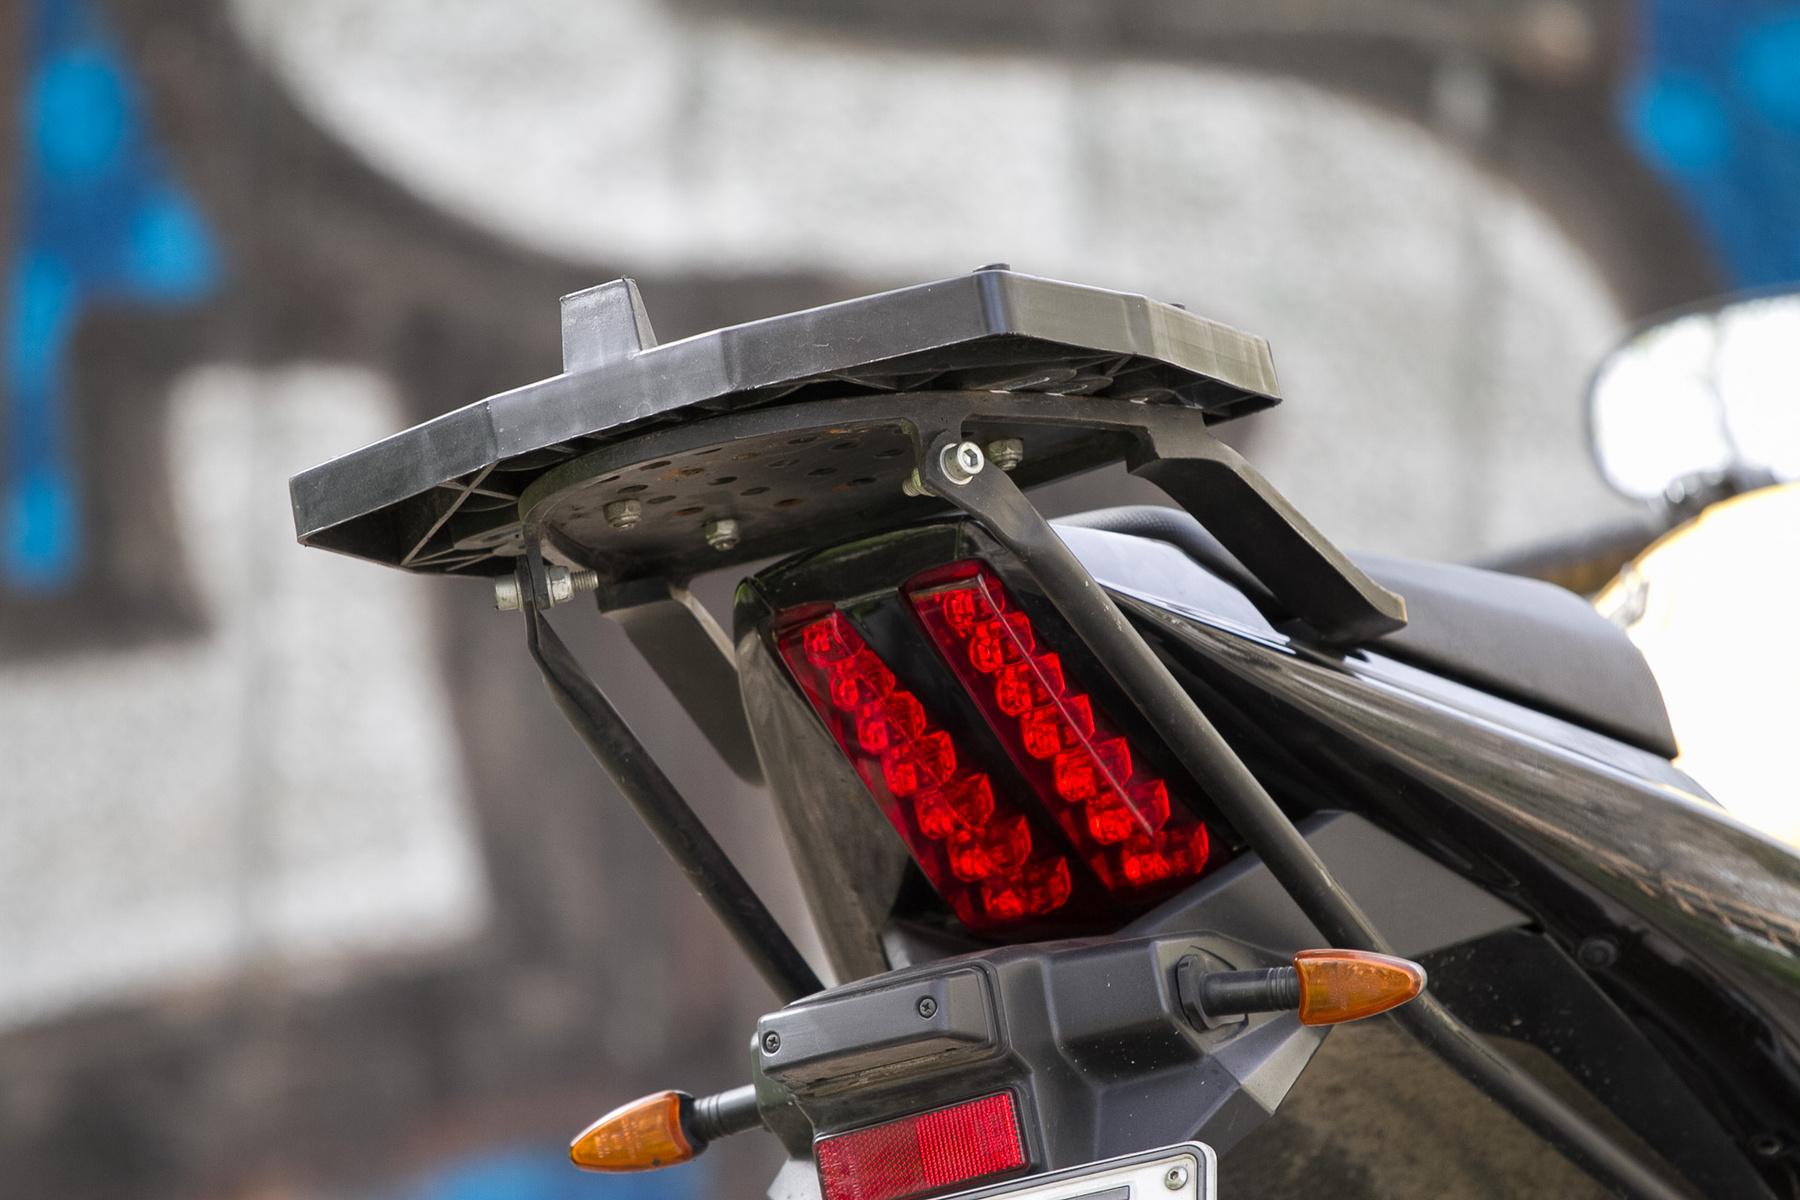 Két csíkból álló LED-es féklámpa jól mutat a sportos farokidomon